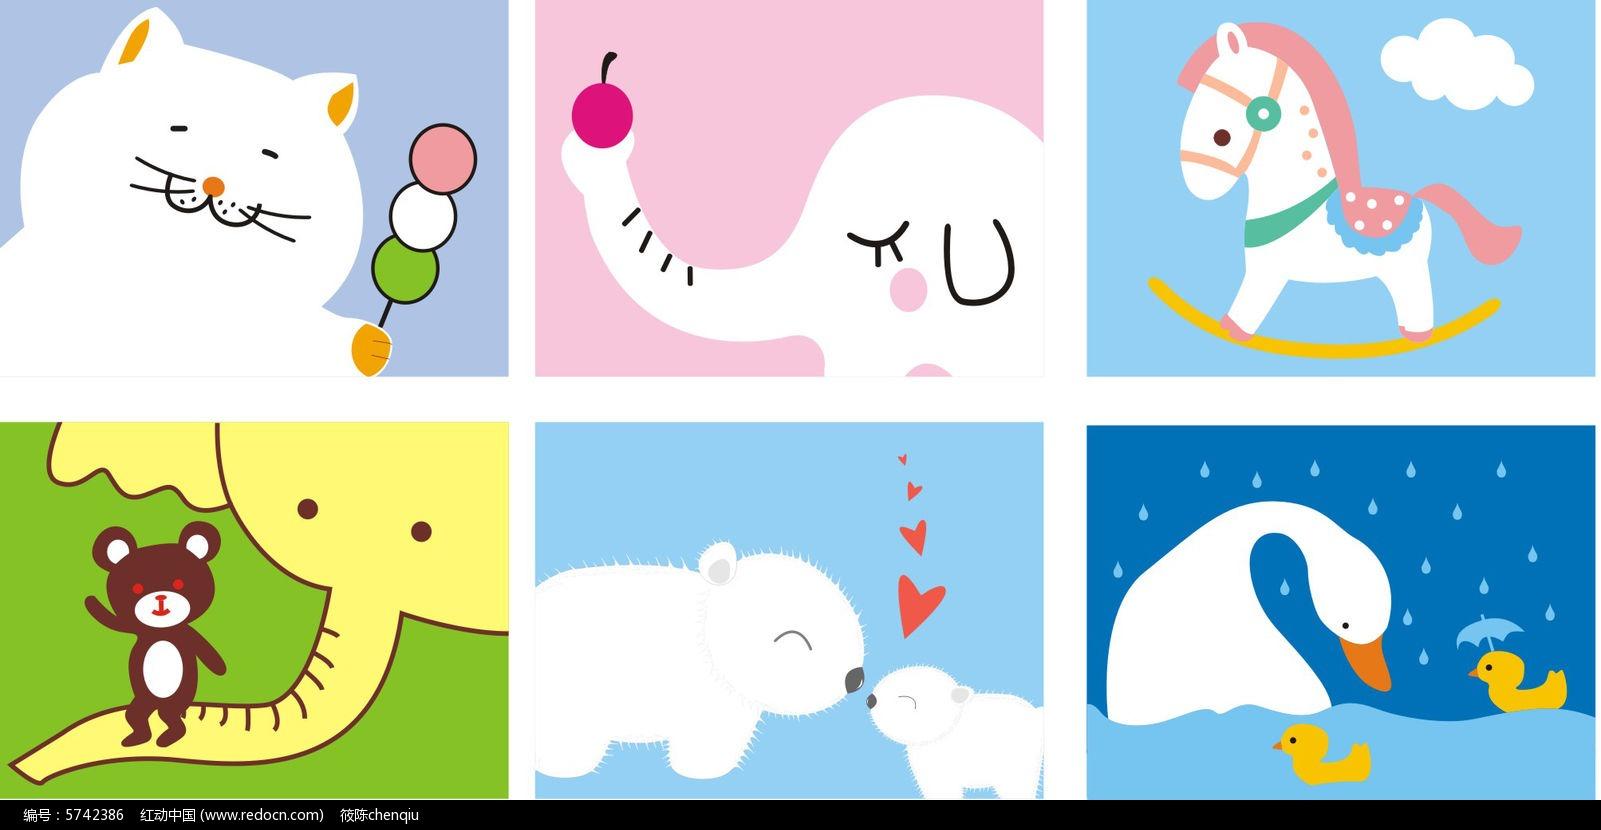 可爱卡通本子CDR素材下载_动物插画设计图片